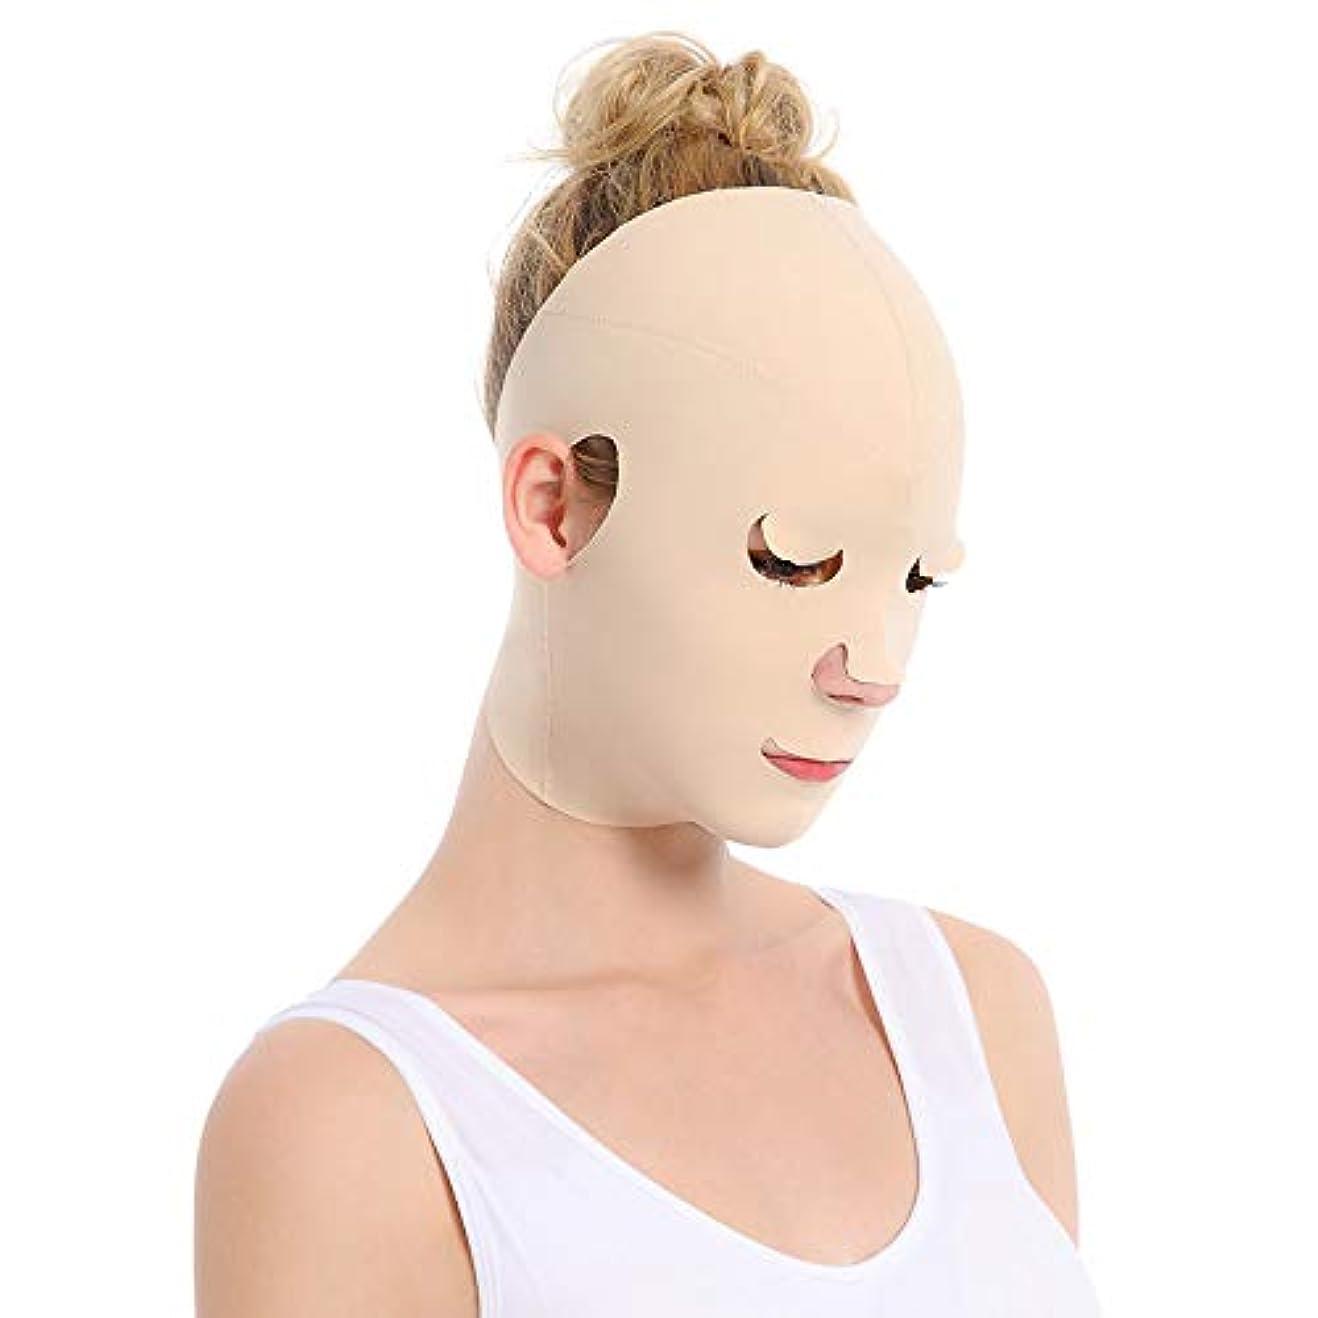 記録会計確認する小さな顔ツールv顔包帯薄い顔美容マスク怠惰な睡眠マスク男性と女性のV顔包帯整形引き締め顔薄い二重あご